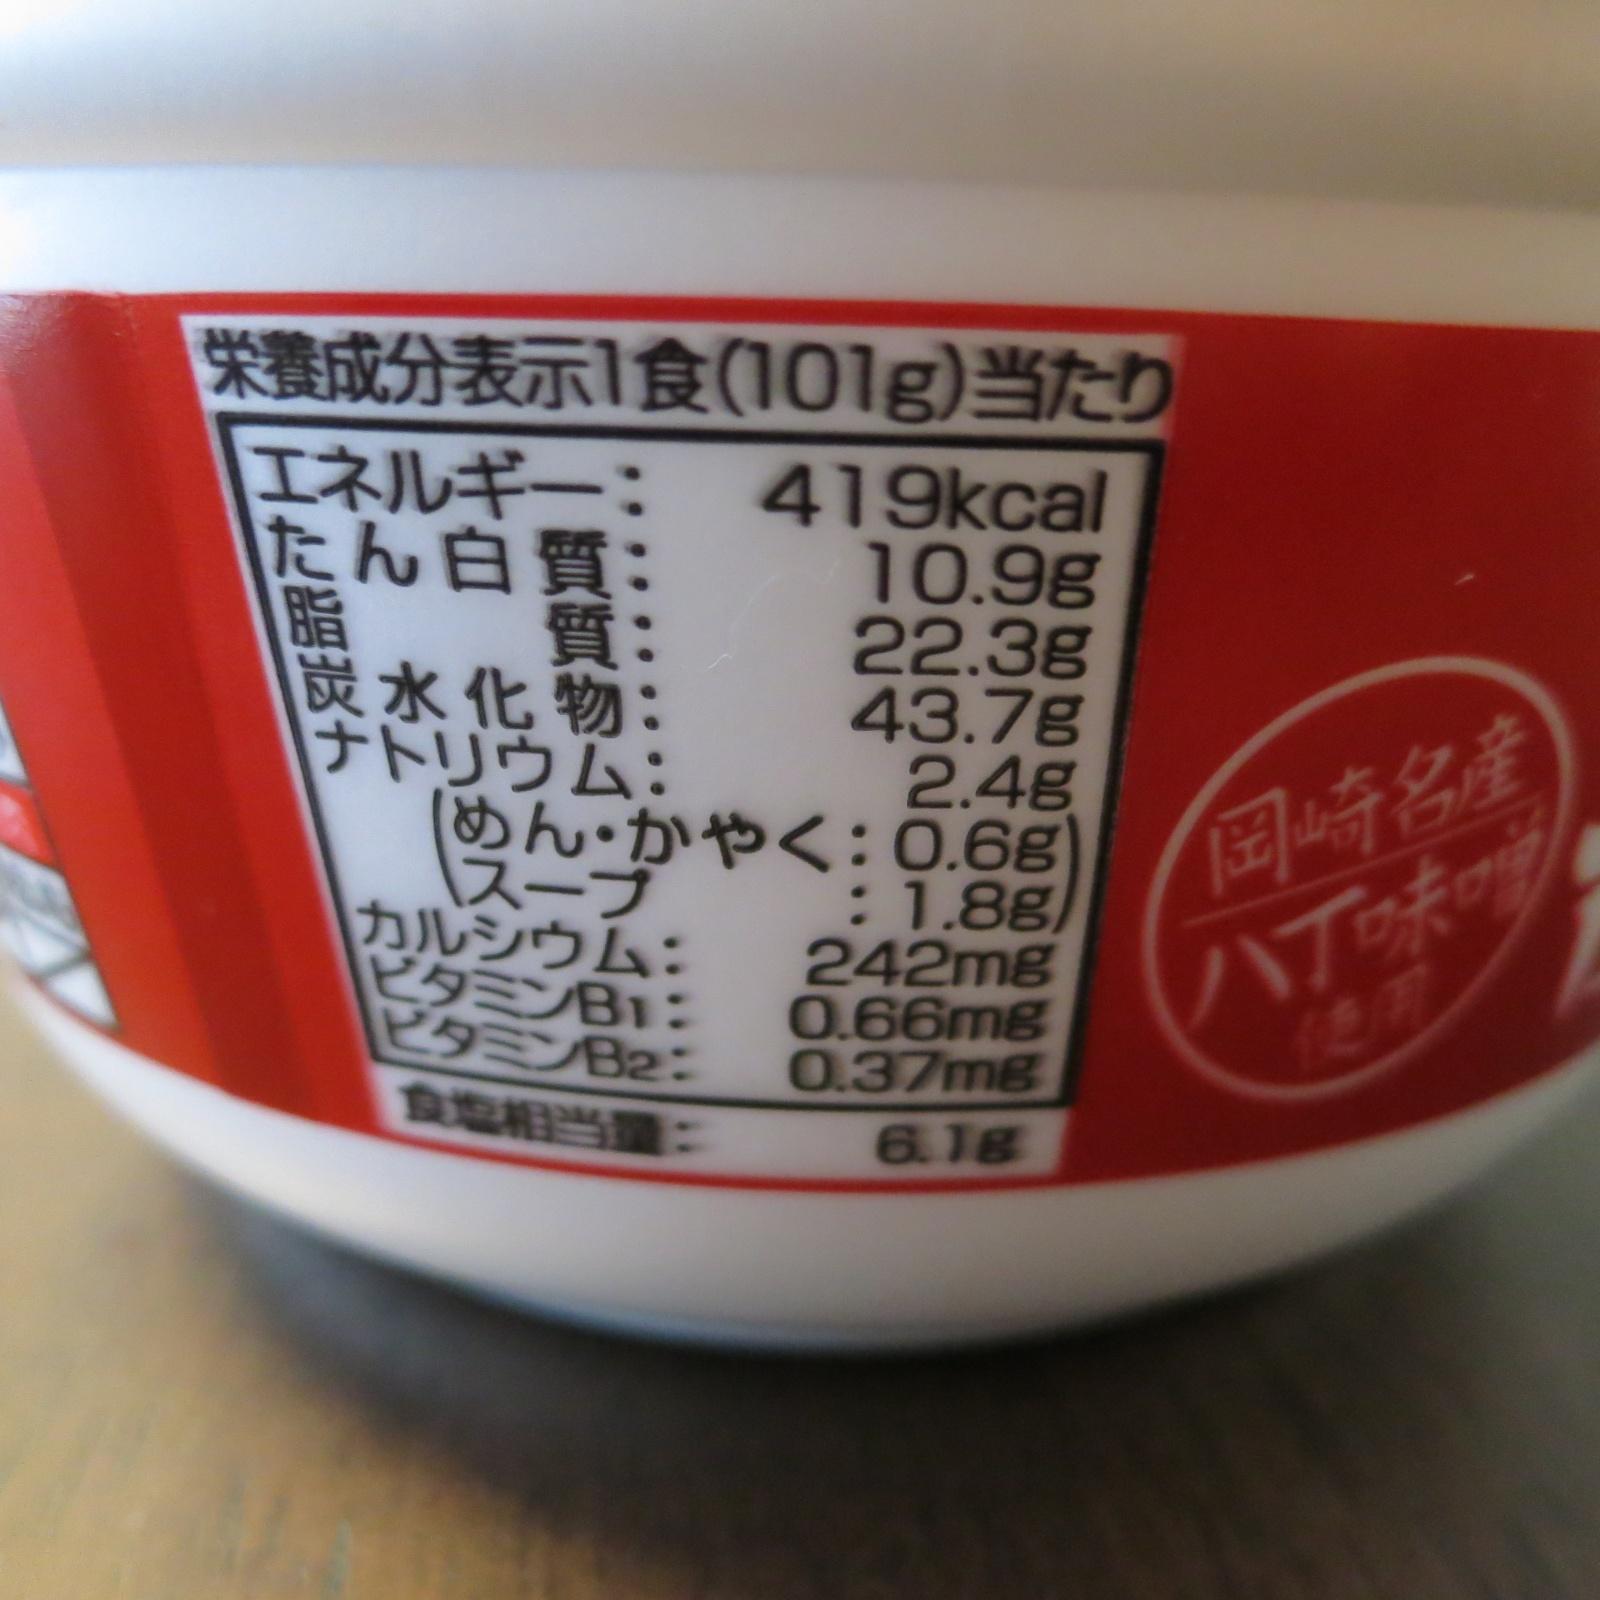 オカザえもん岡崎八丁味噌台湾ラーメン